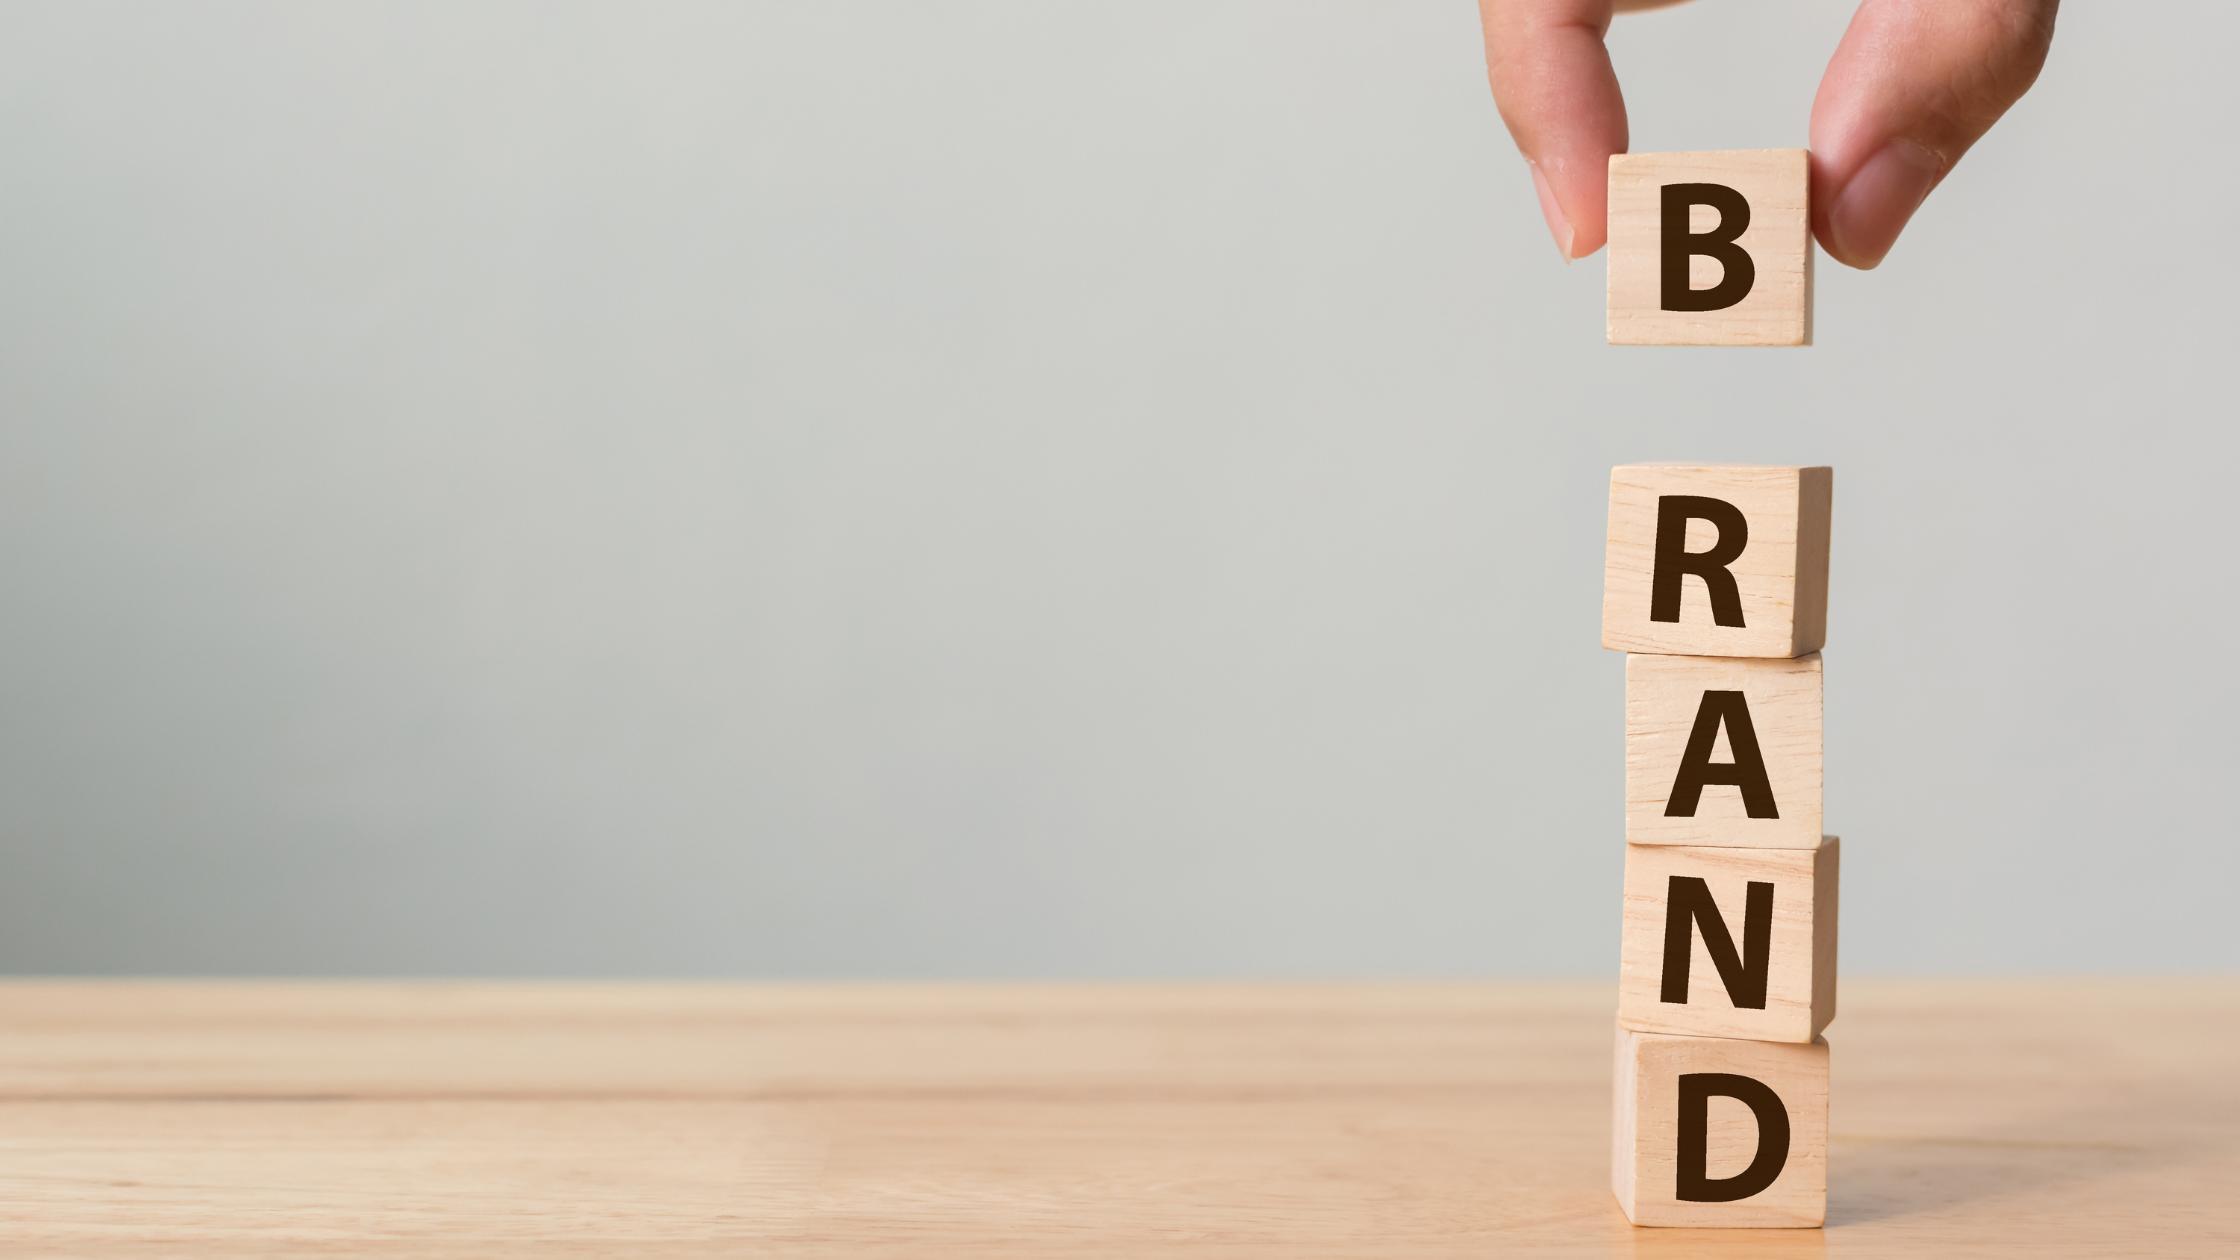 immagine che rappresenta dei cubetti in legno con scritte rispettivamente le lettere della parola Brand e una mano che tiene la lettera B